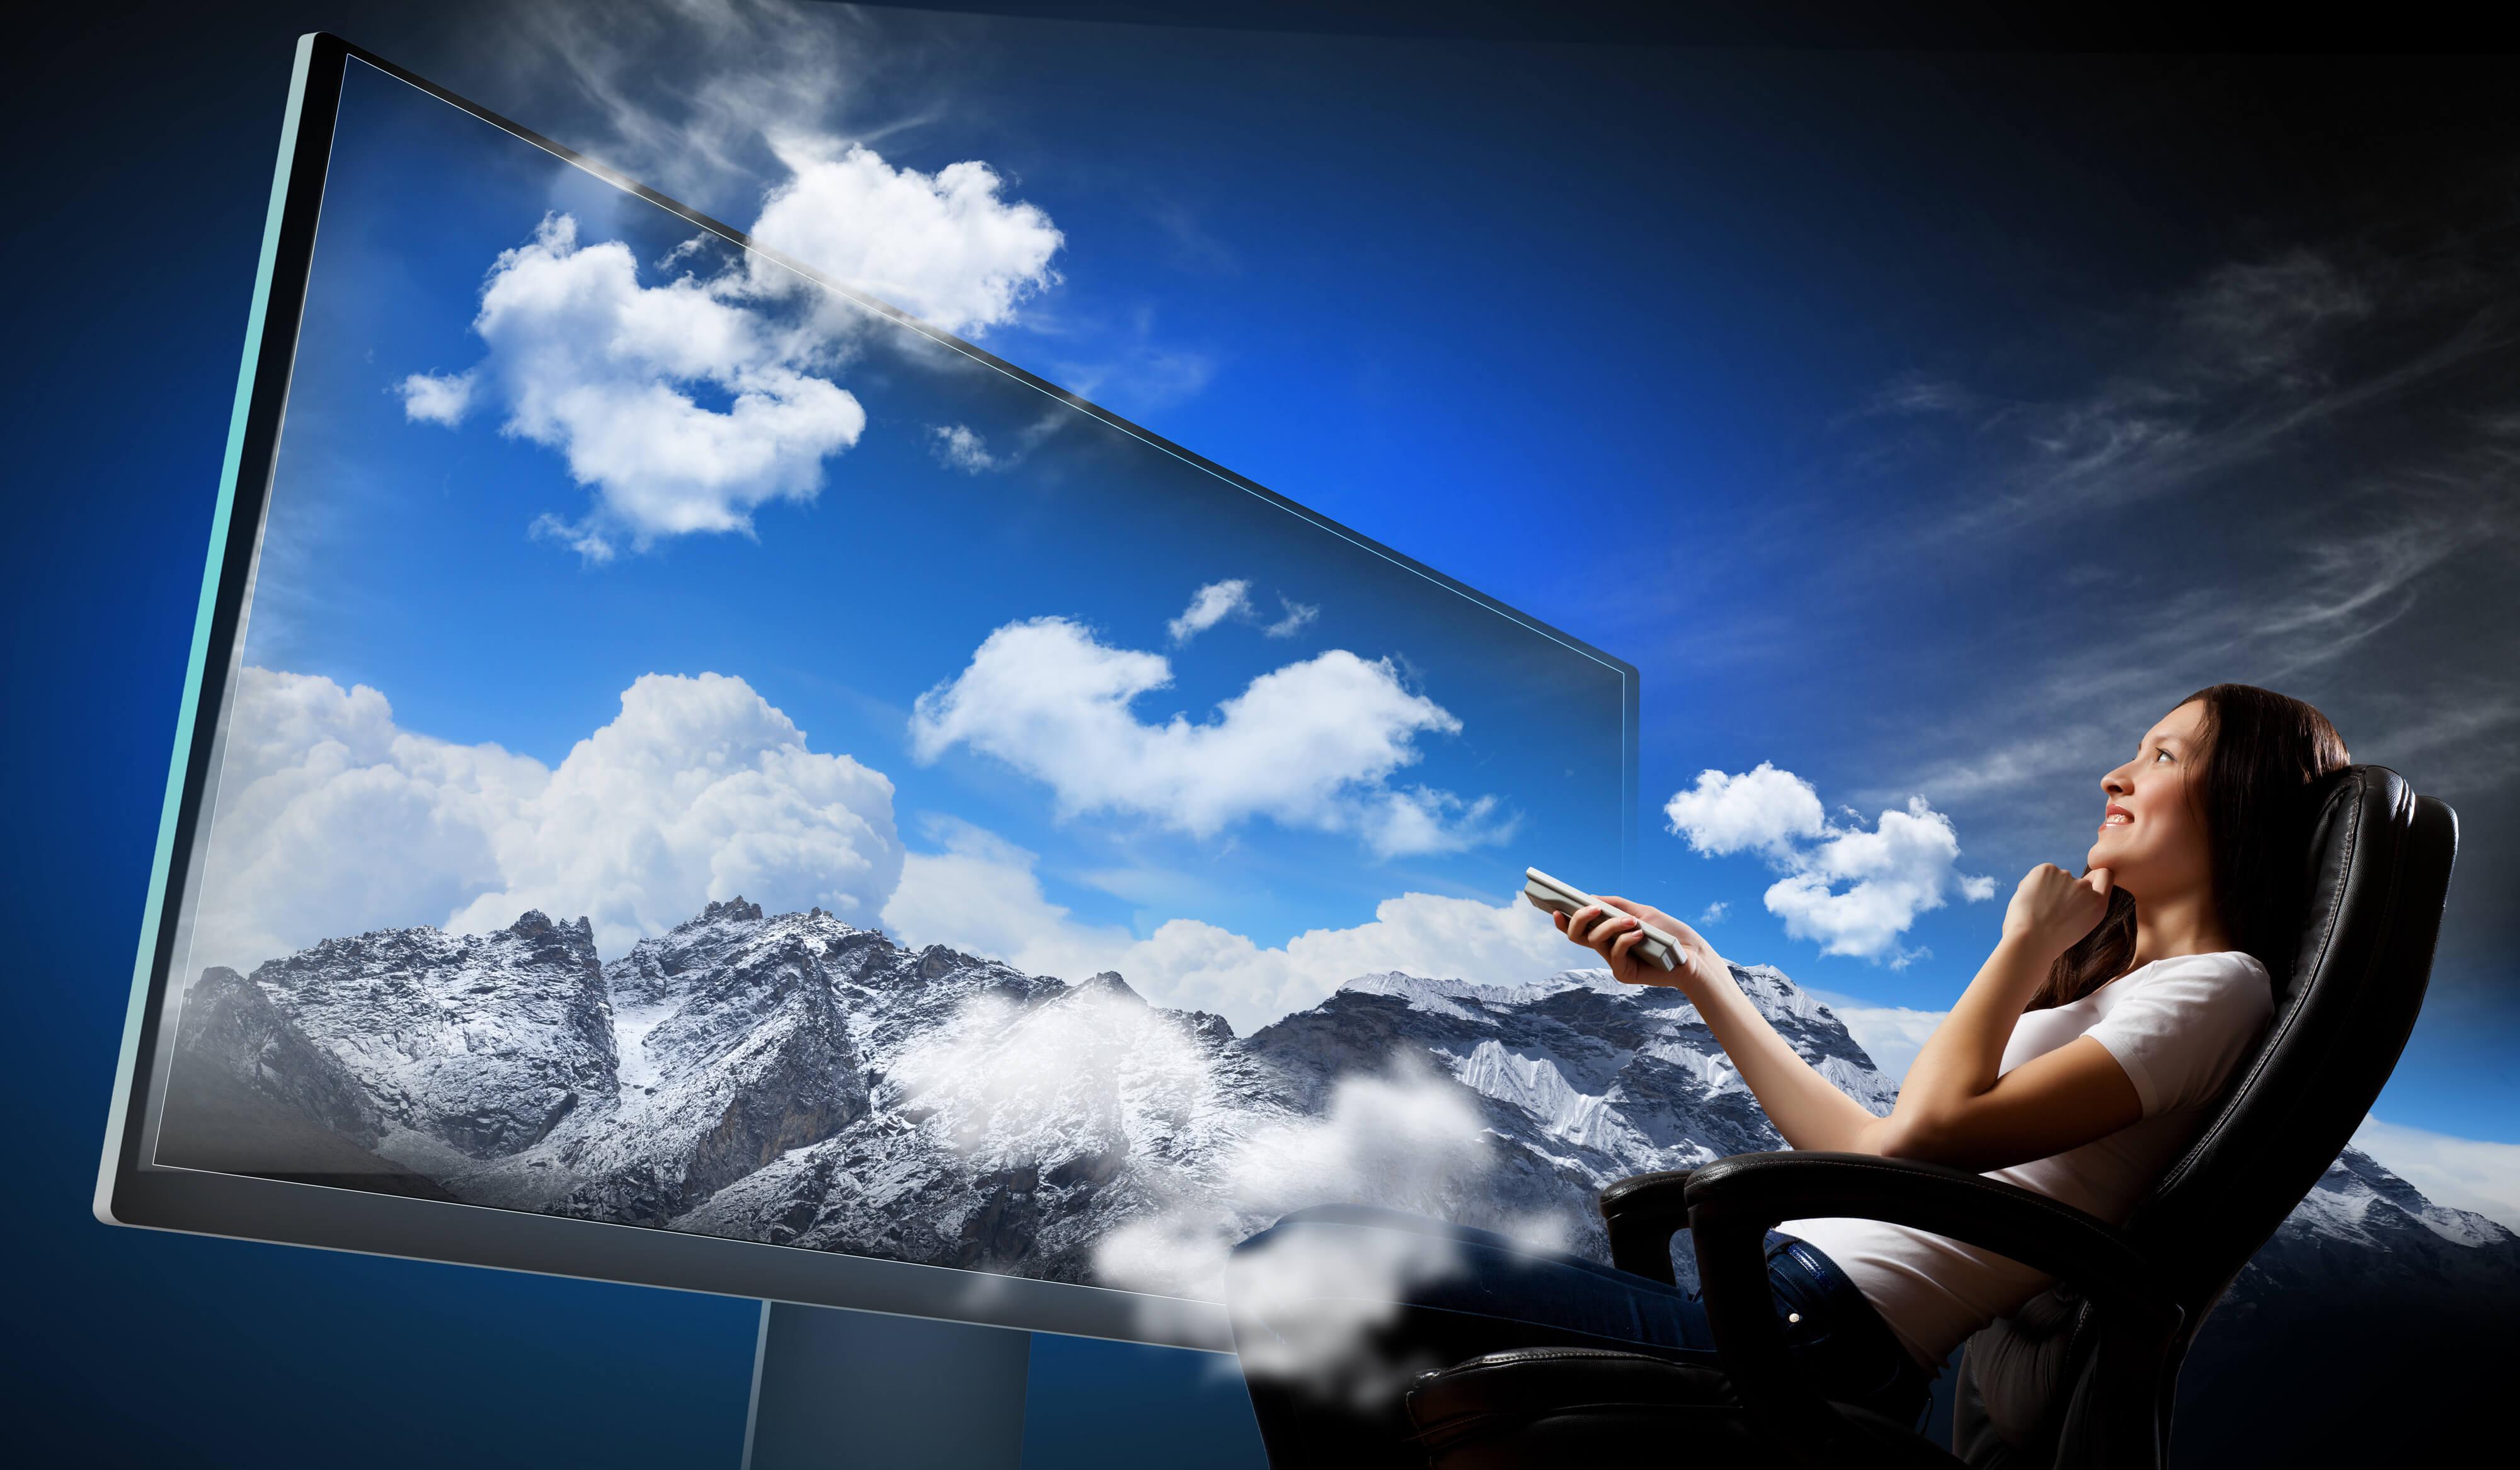 Telewizor 3D. Jak działa? Jaki wybrać i kupić? Najlepsze TV 3D w rankingu 2019!